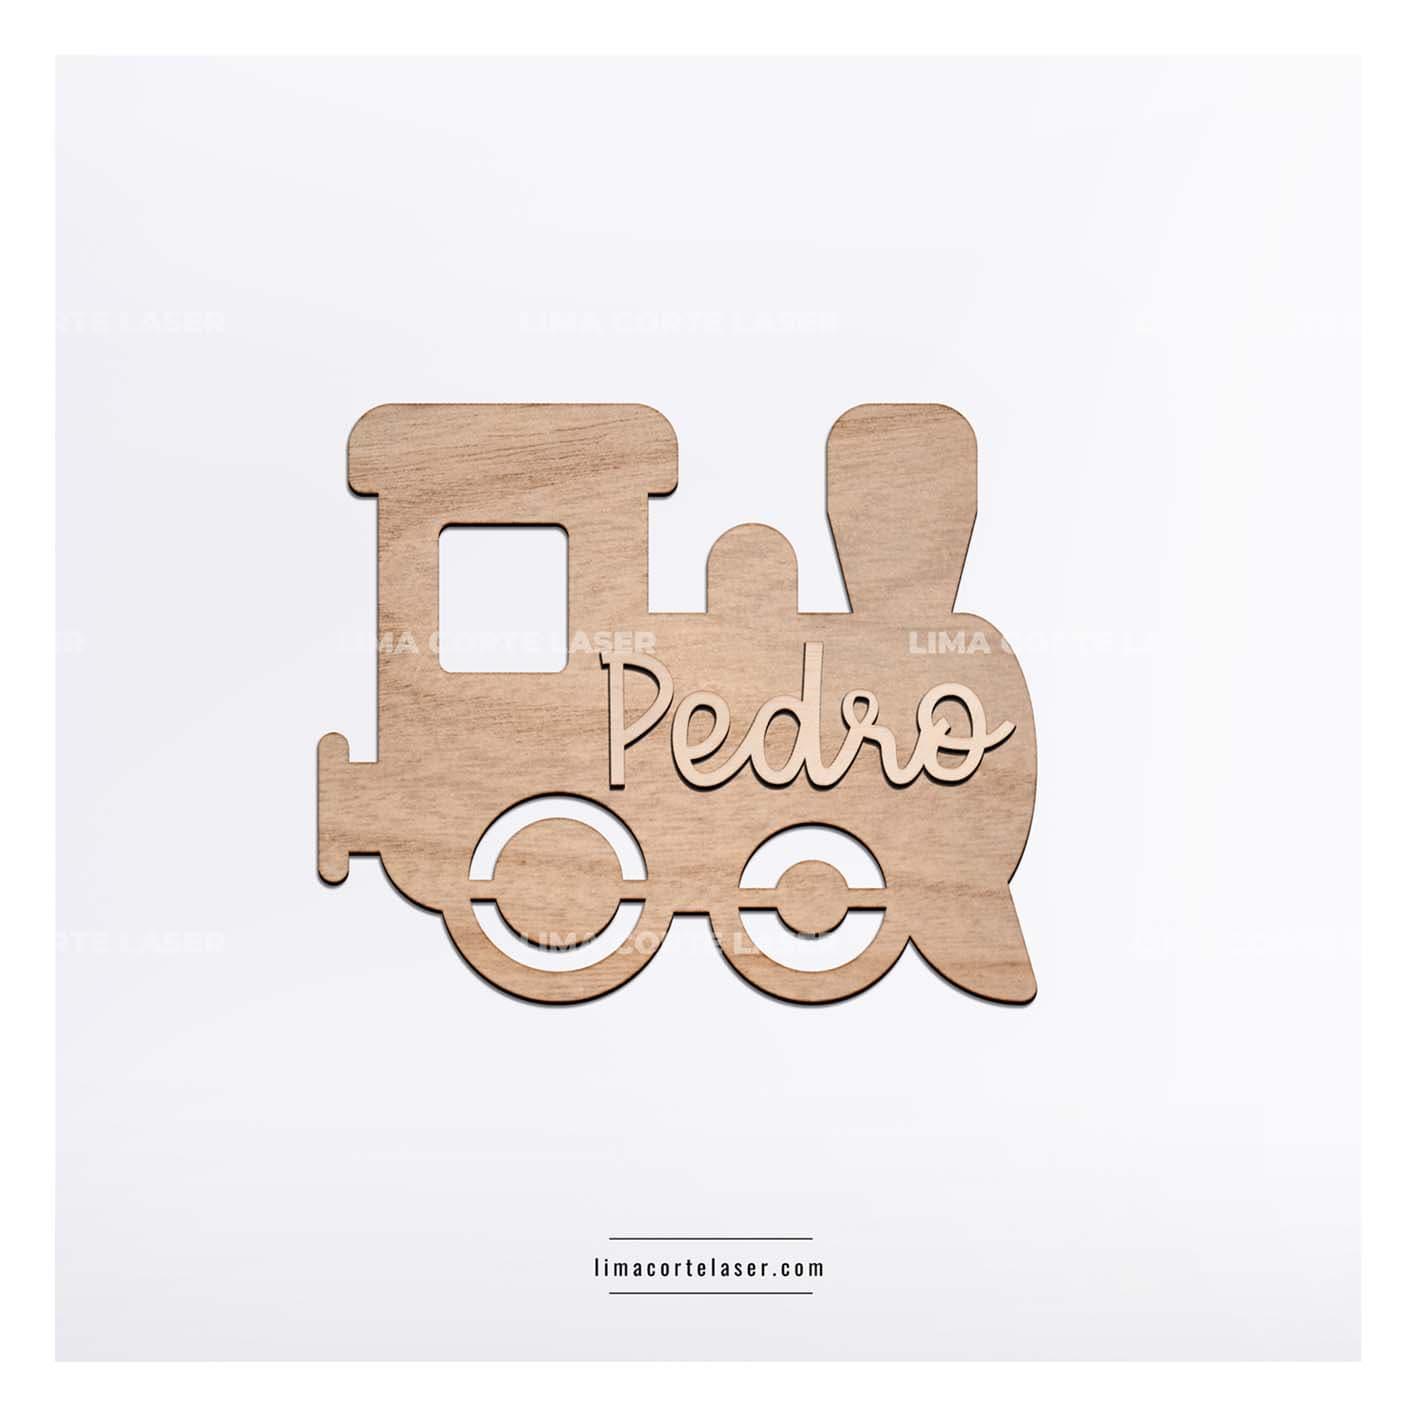 Regalo personalizado para bebe con la figura de un tren y el nombre Pedro